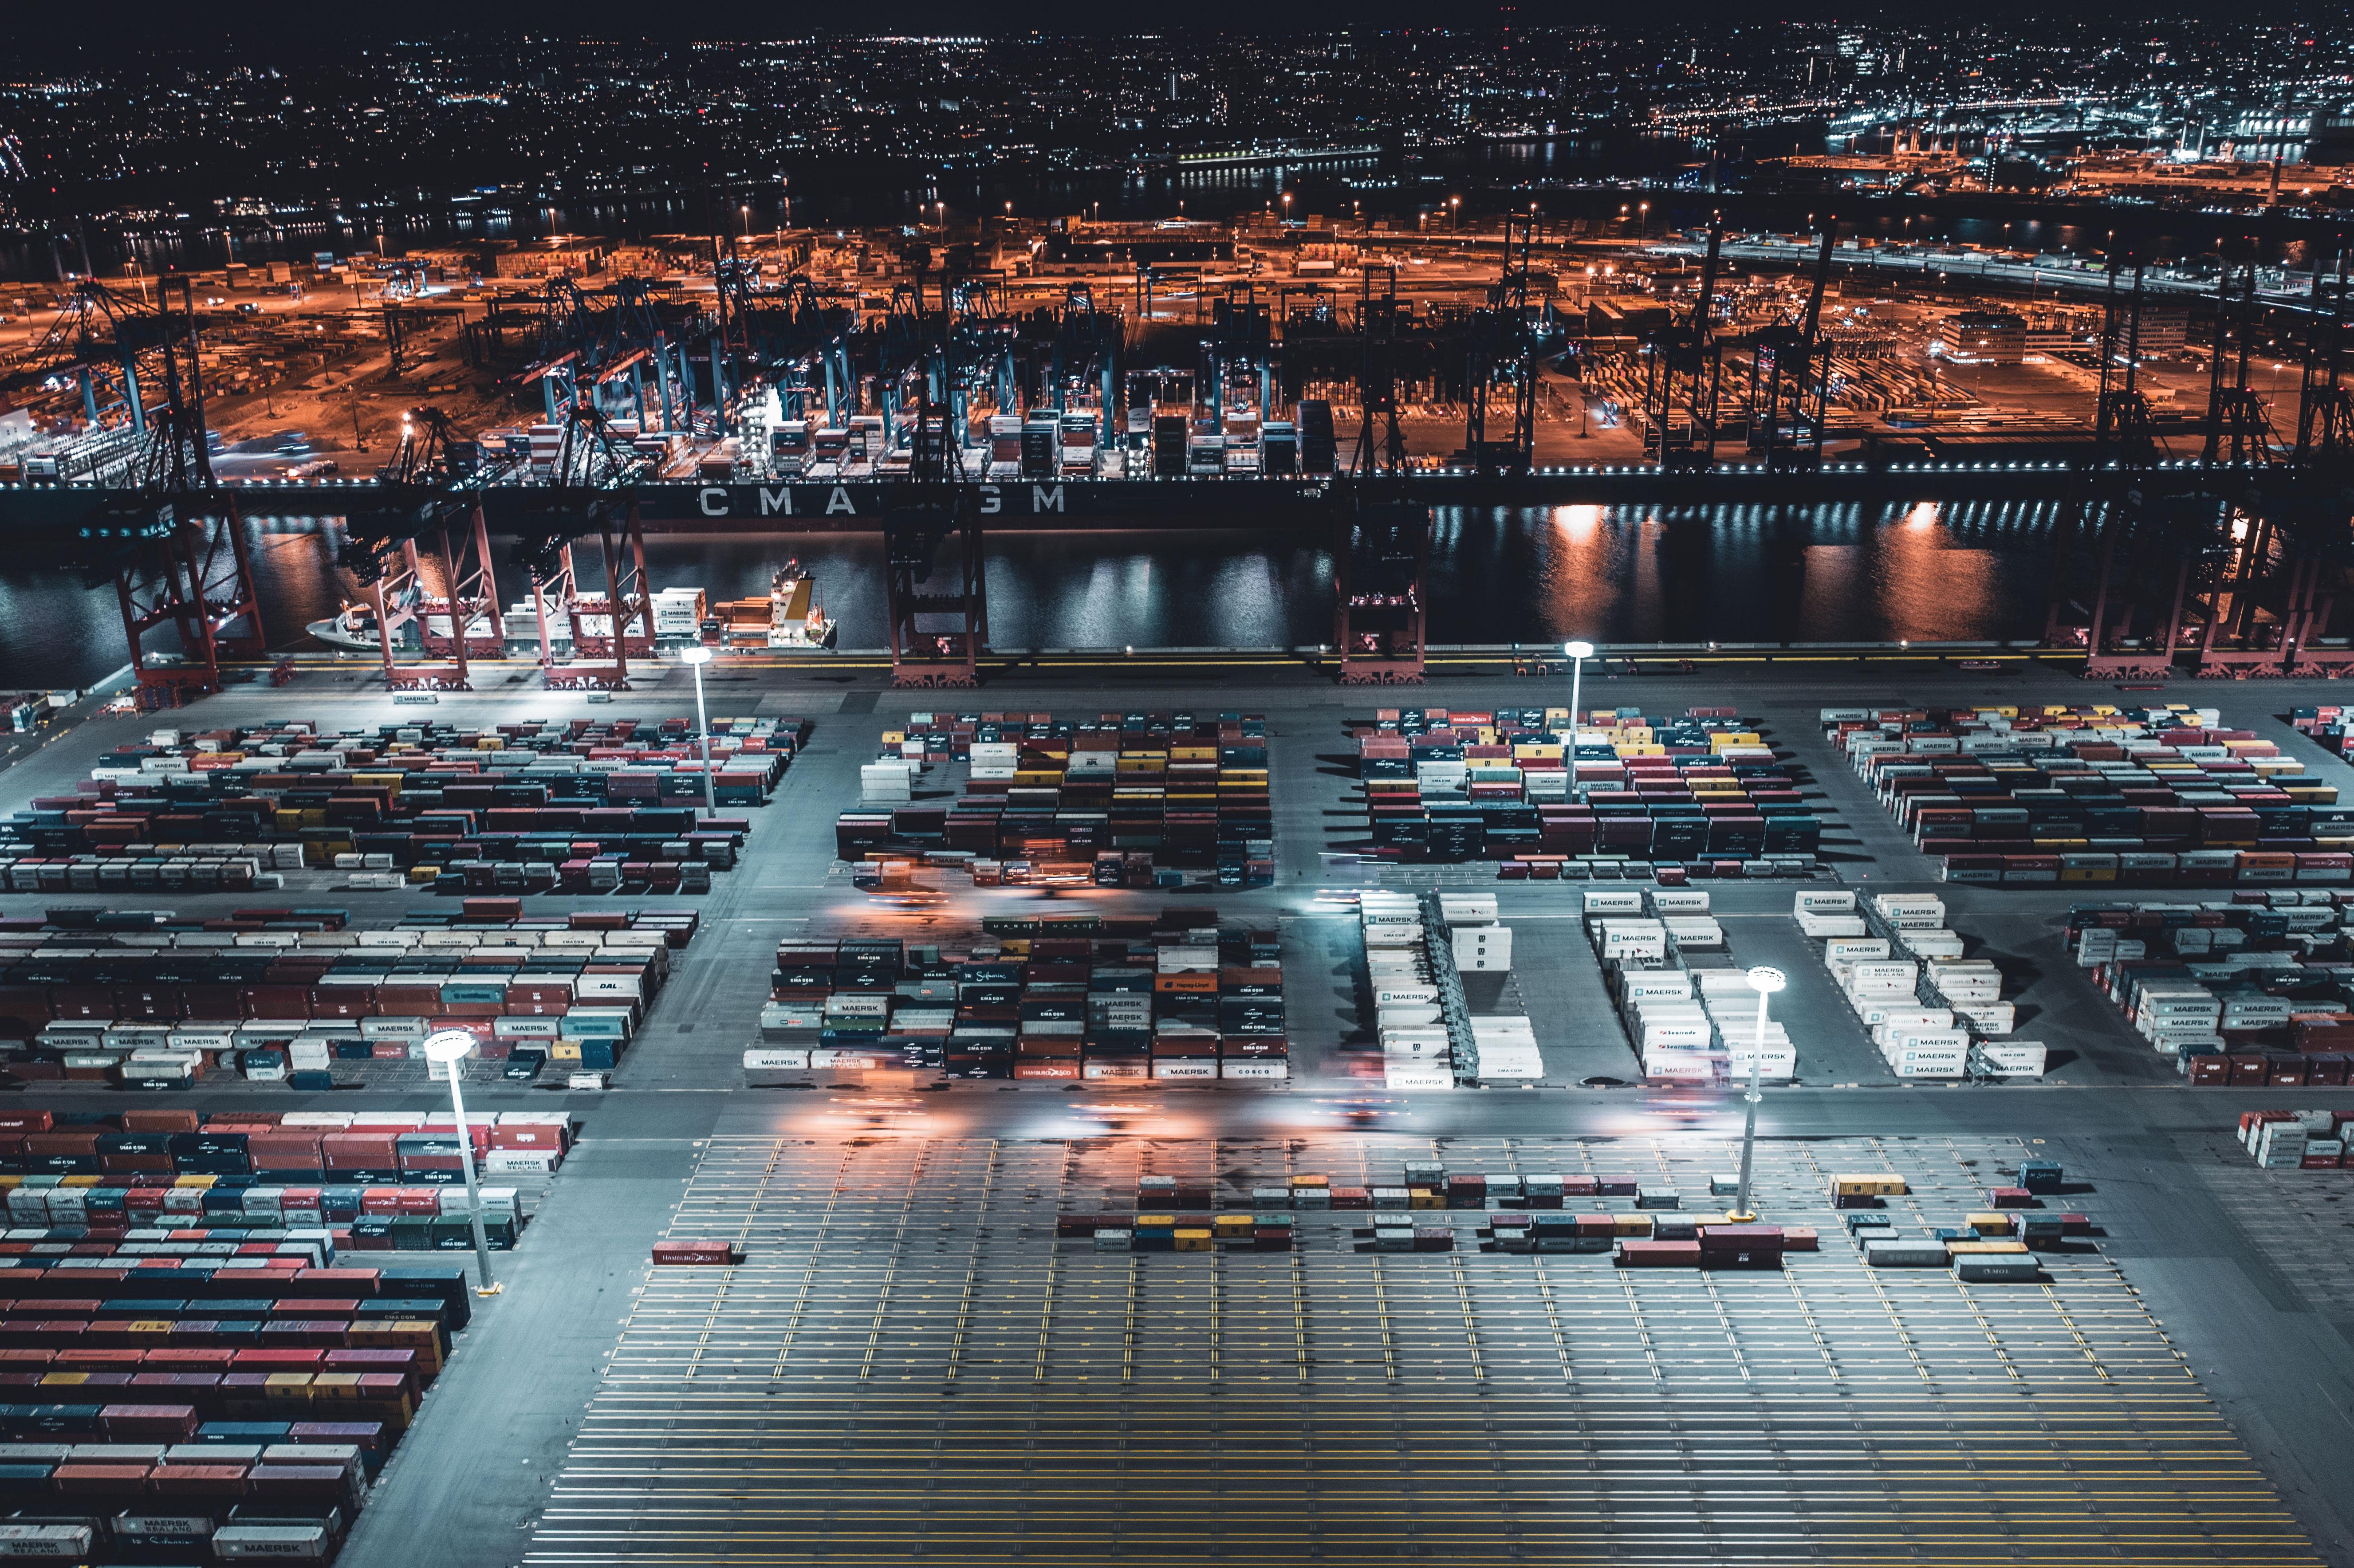 Hamburger Hafen Drohenaufnahmen